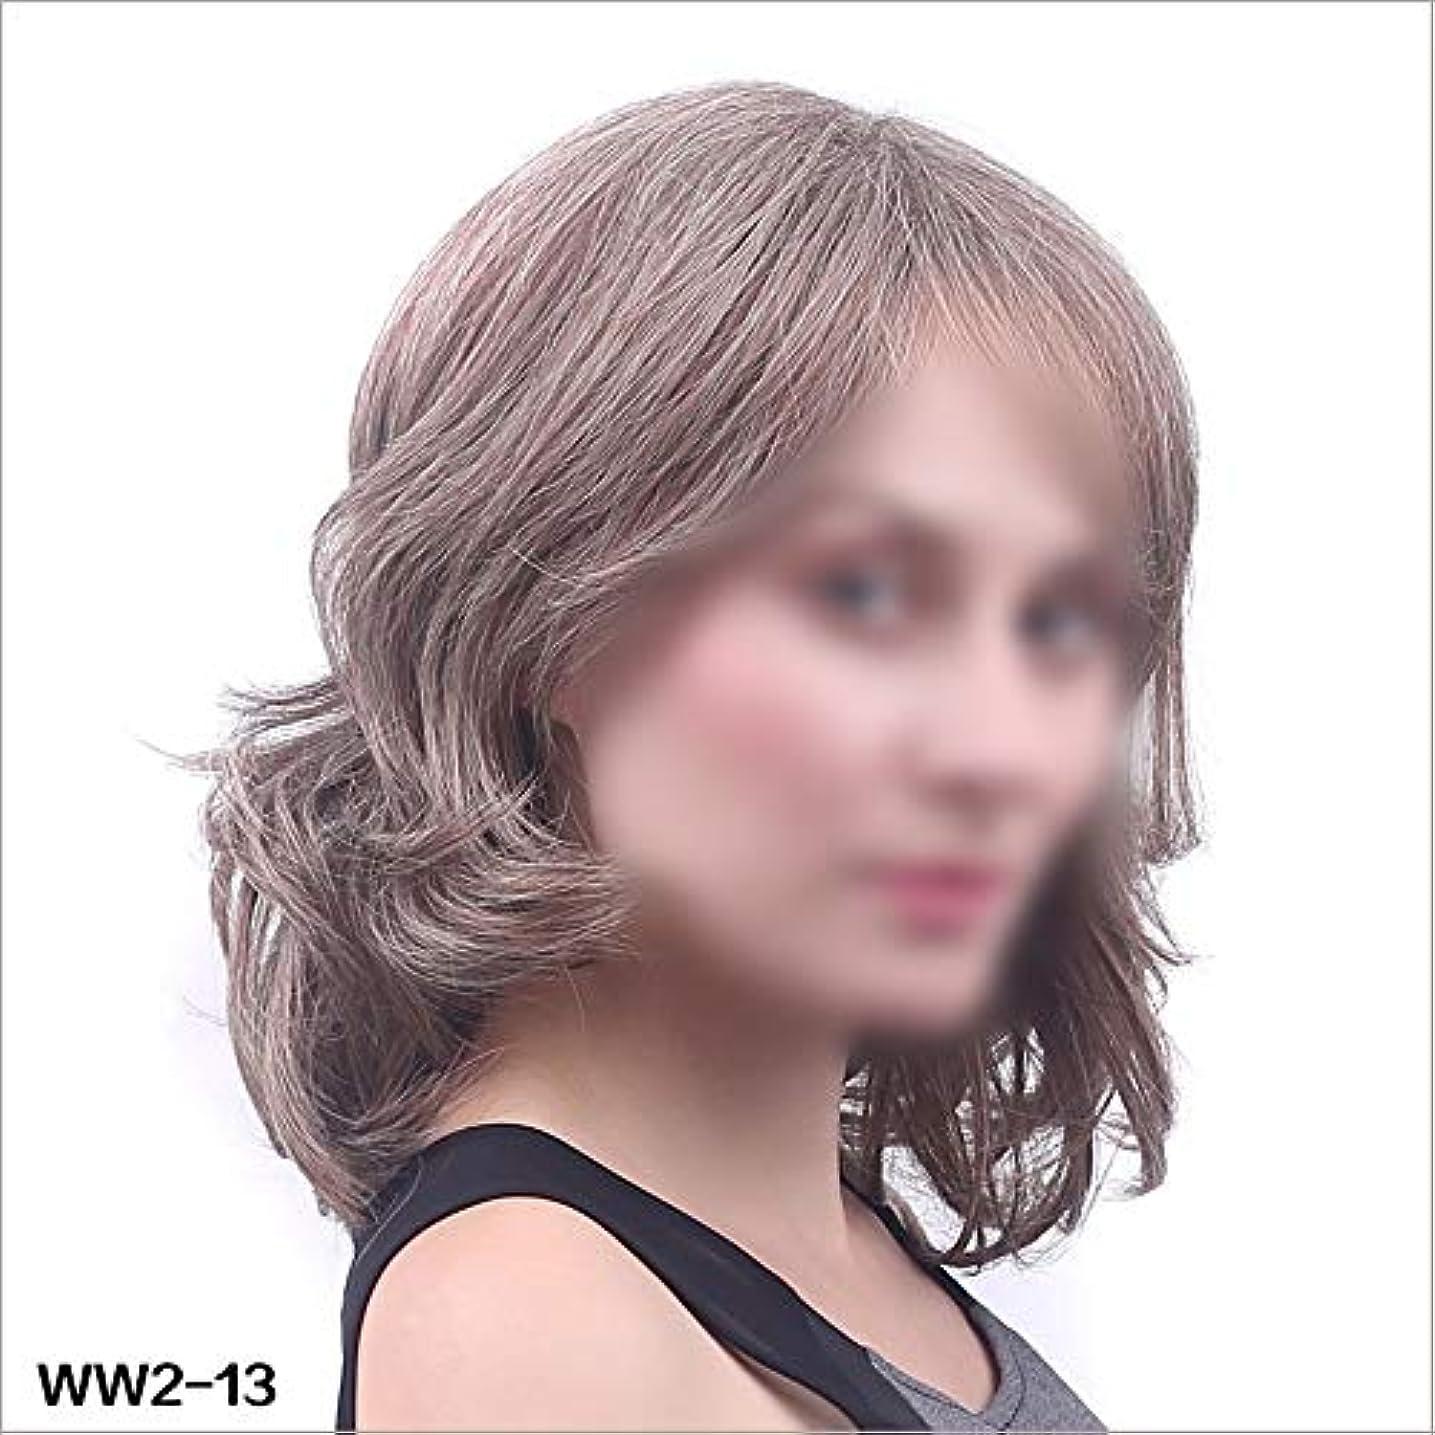 みなす役員矛盾WASAIO スタイルの交換のための新しい人気の女性の短いかつらアクセサリー完全なウェーブのかかった巻き毛グレーレディース (色 : Photo color, サイズ : 45cm)